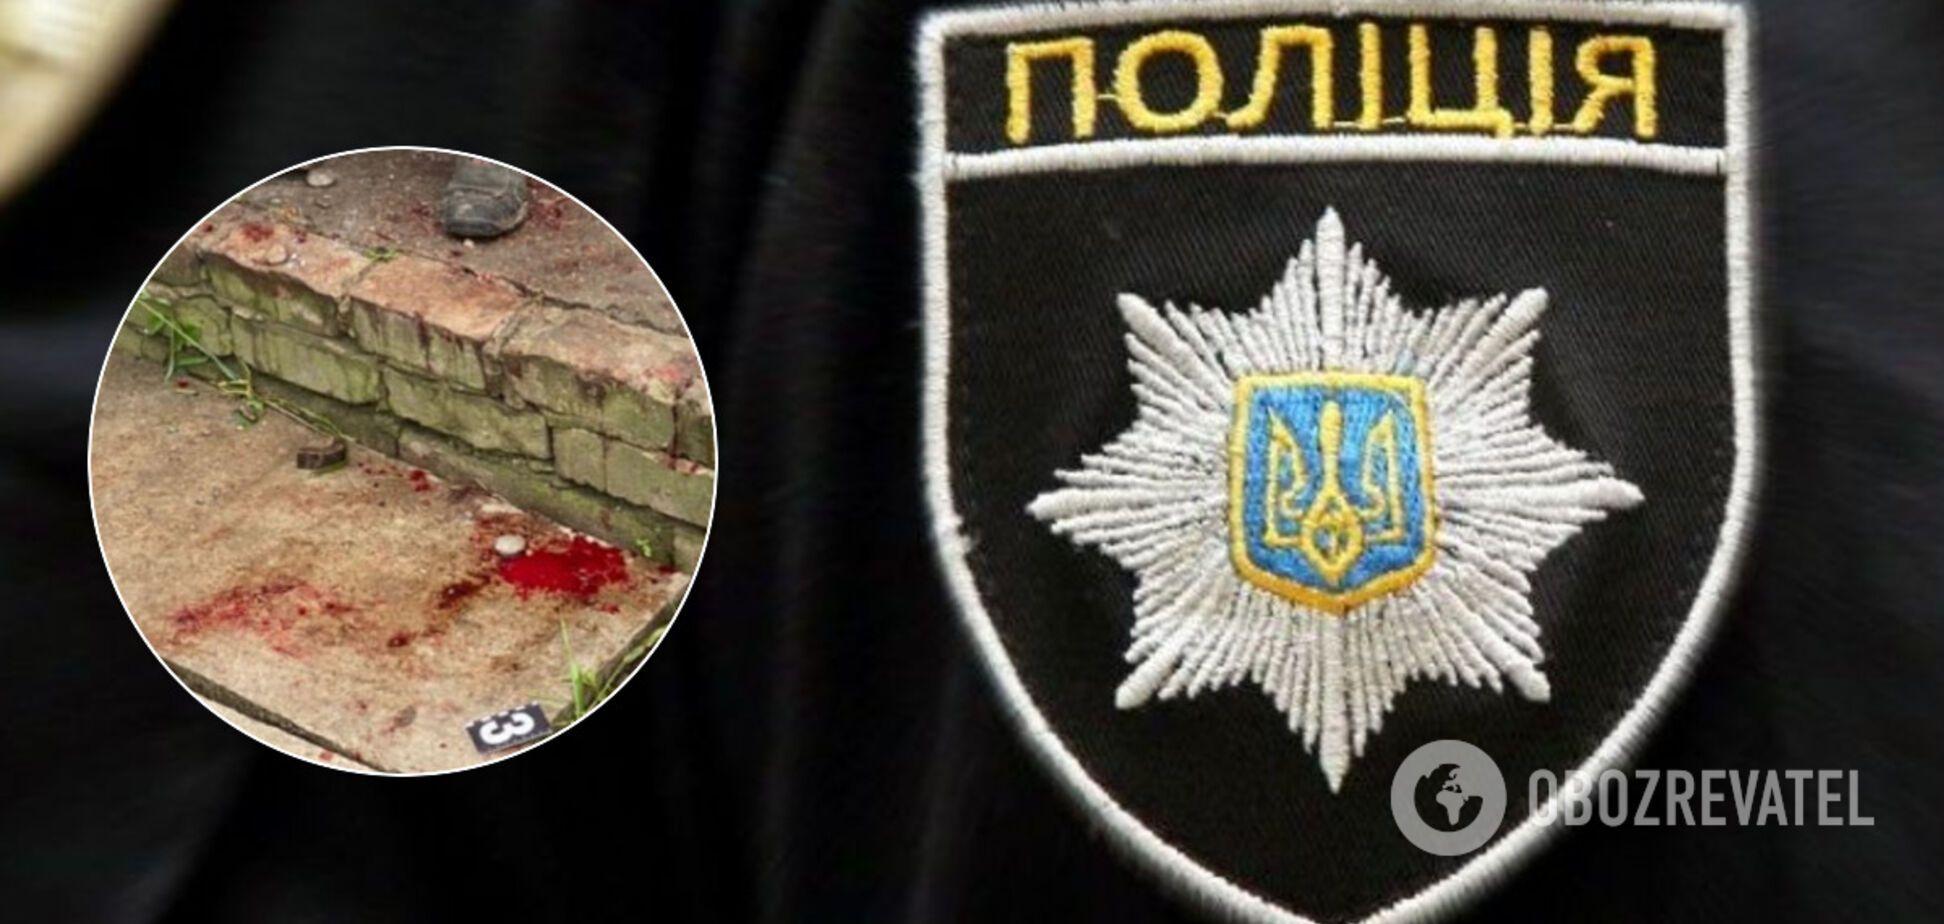 Убила, а потом 'накормила' хлебом: появилось фото украинки, которая зарубала топором любовника. Фото 18+